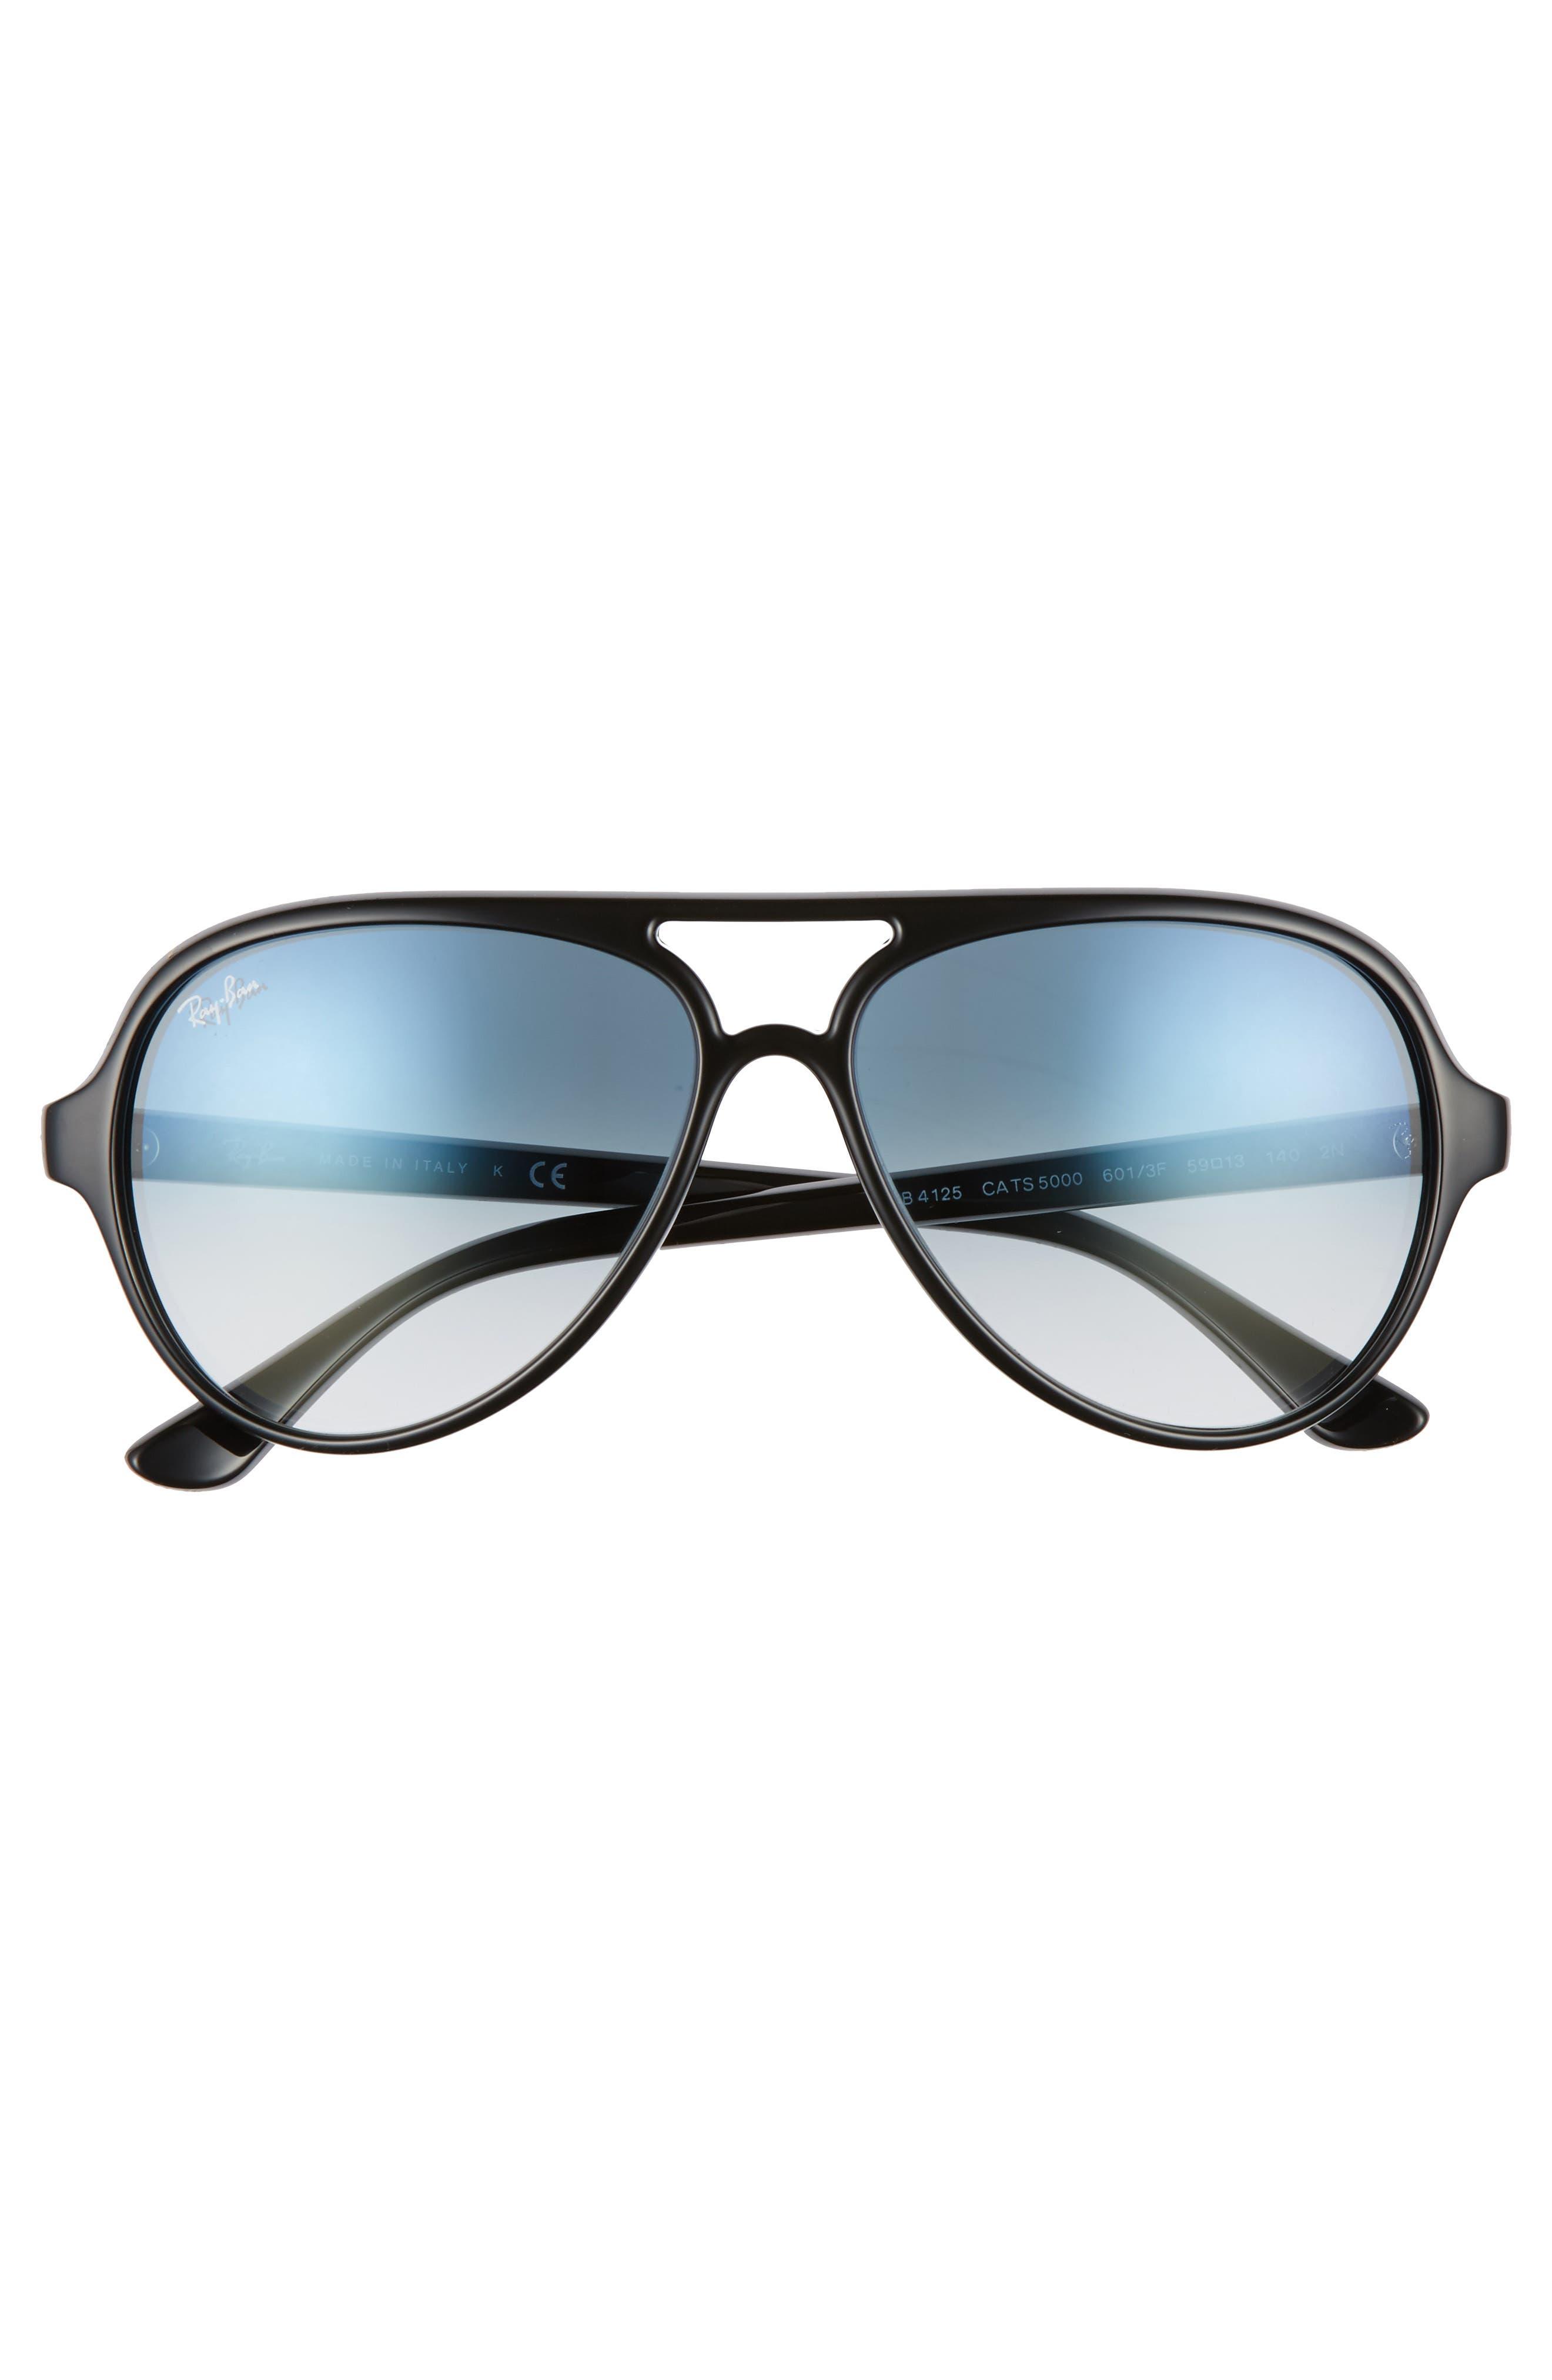 59mm Resin Aviator Sunglasses,                             Alternate thumbnail 4, color,                             003